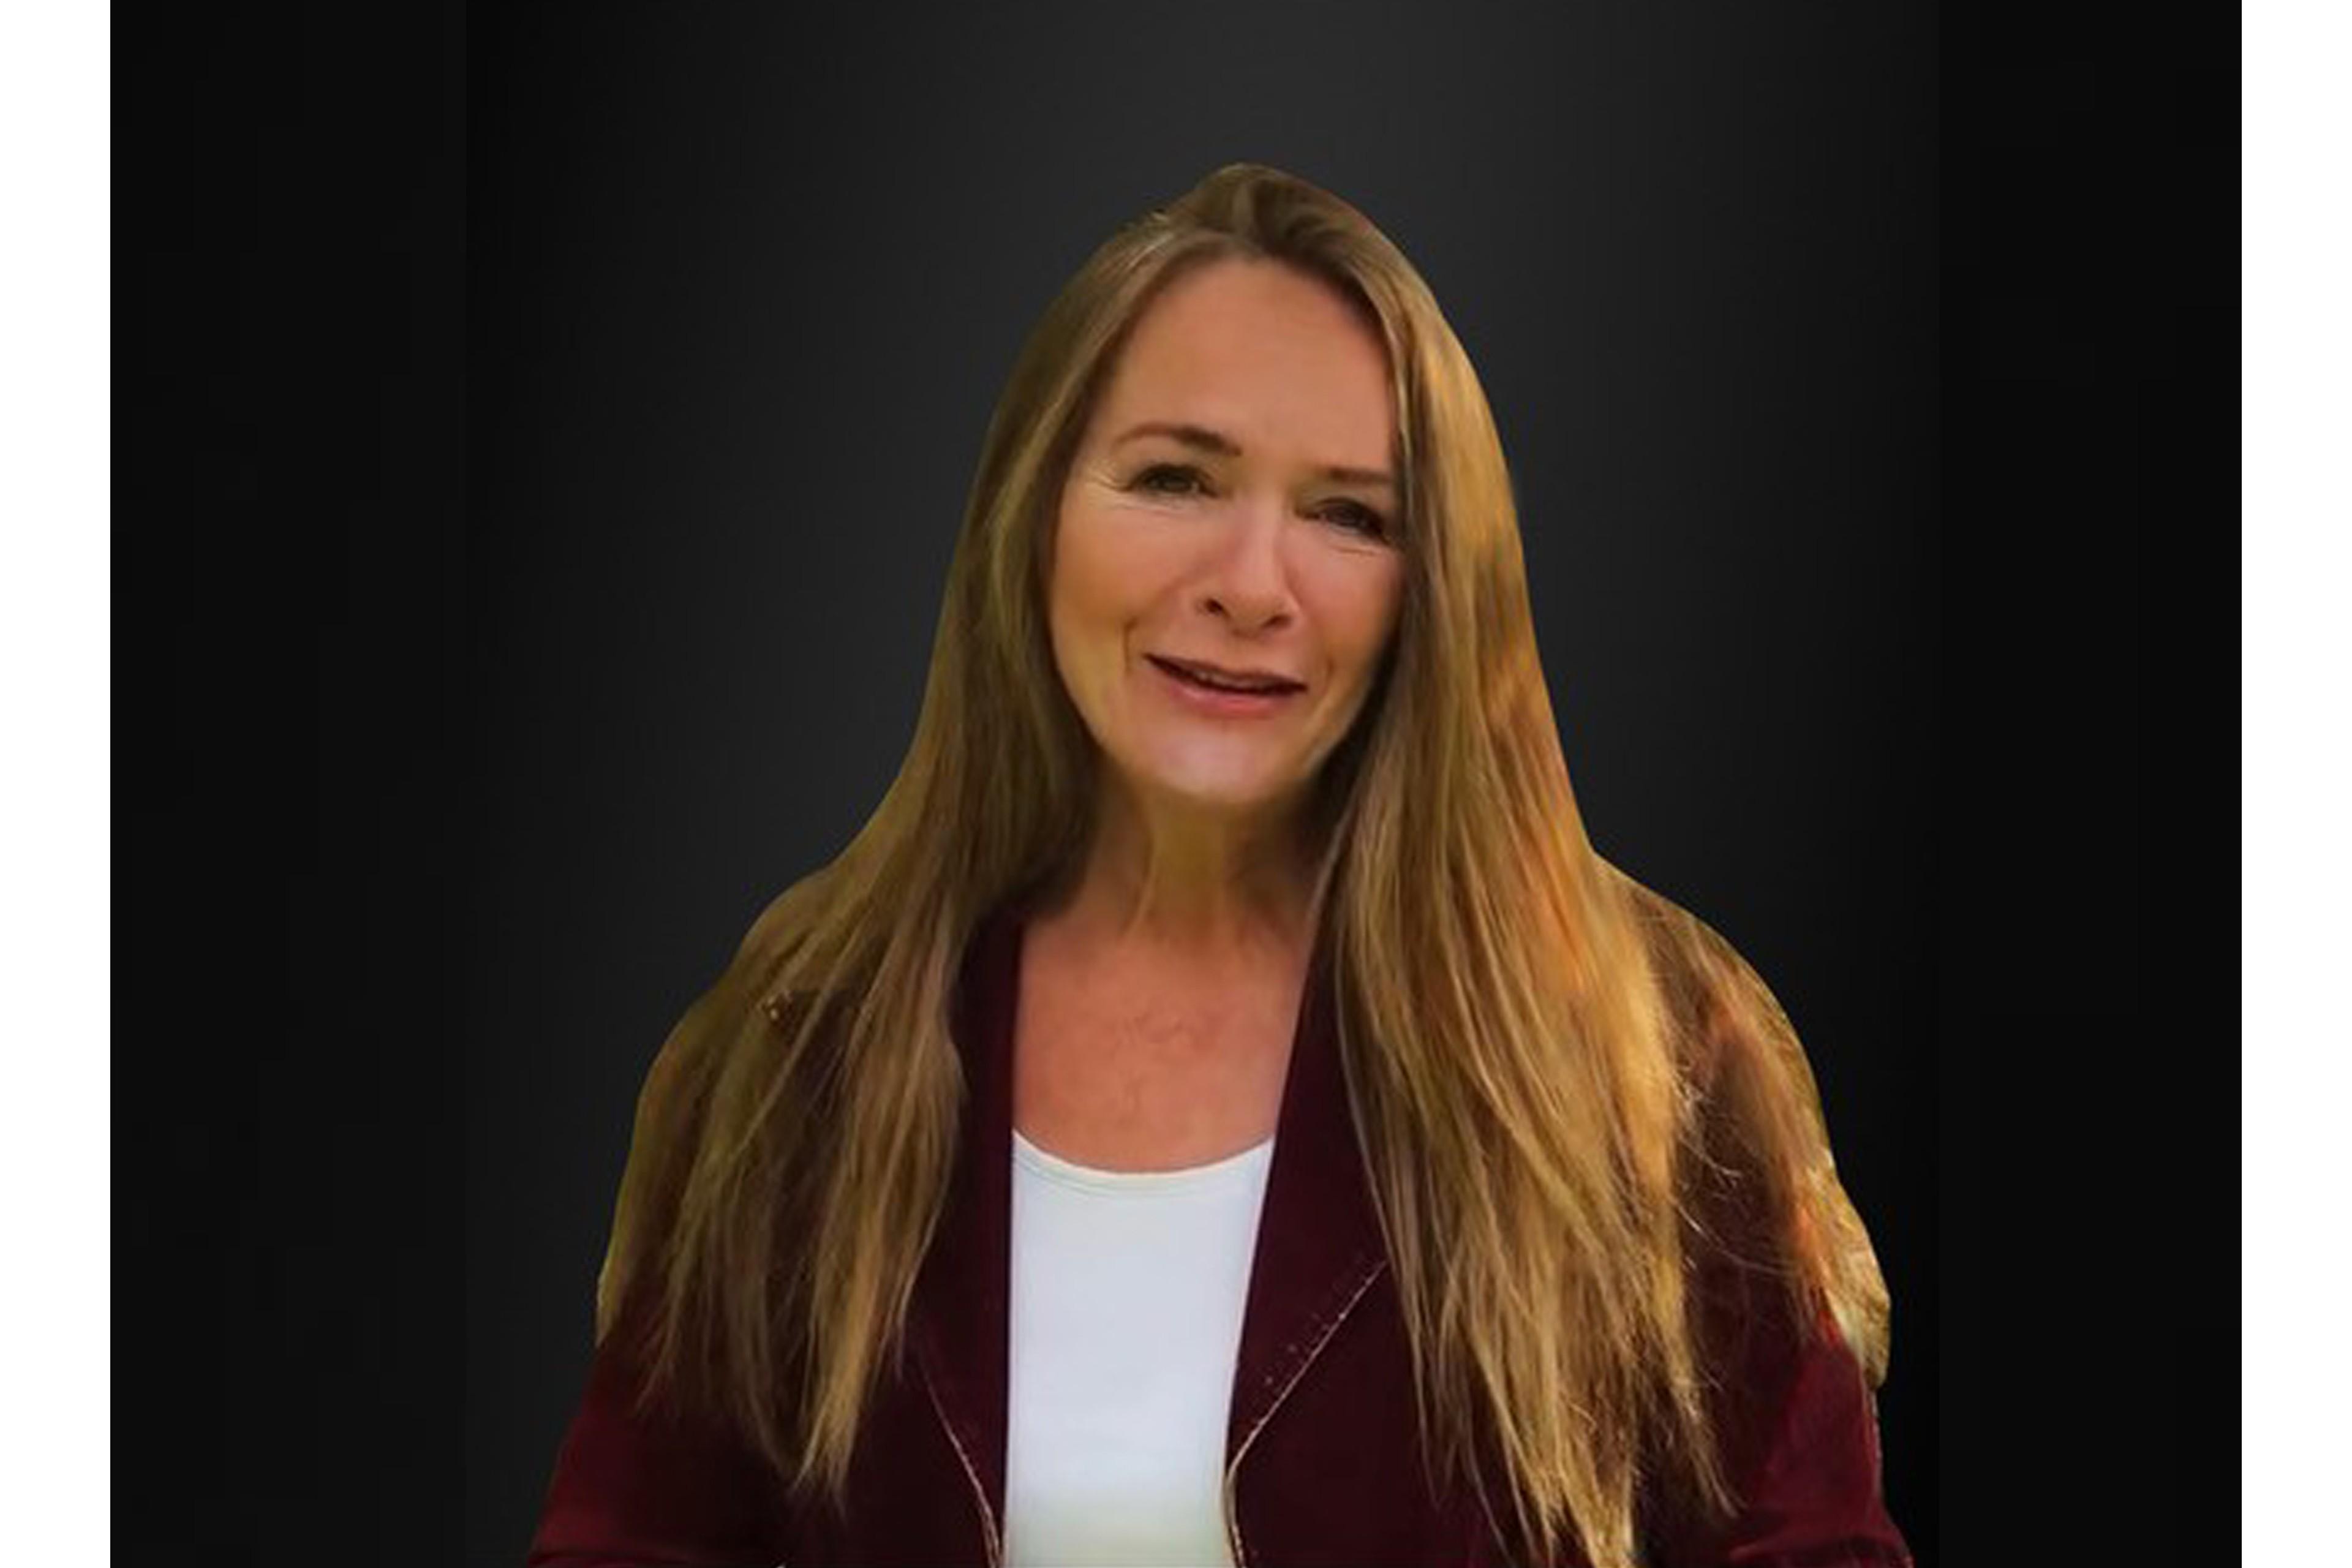 Nicolette Mak